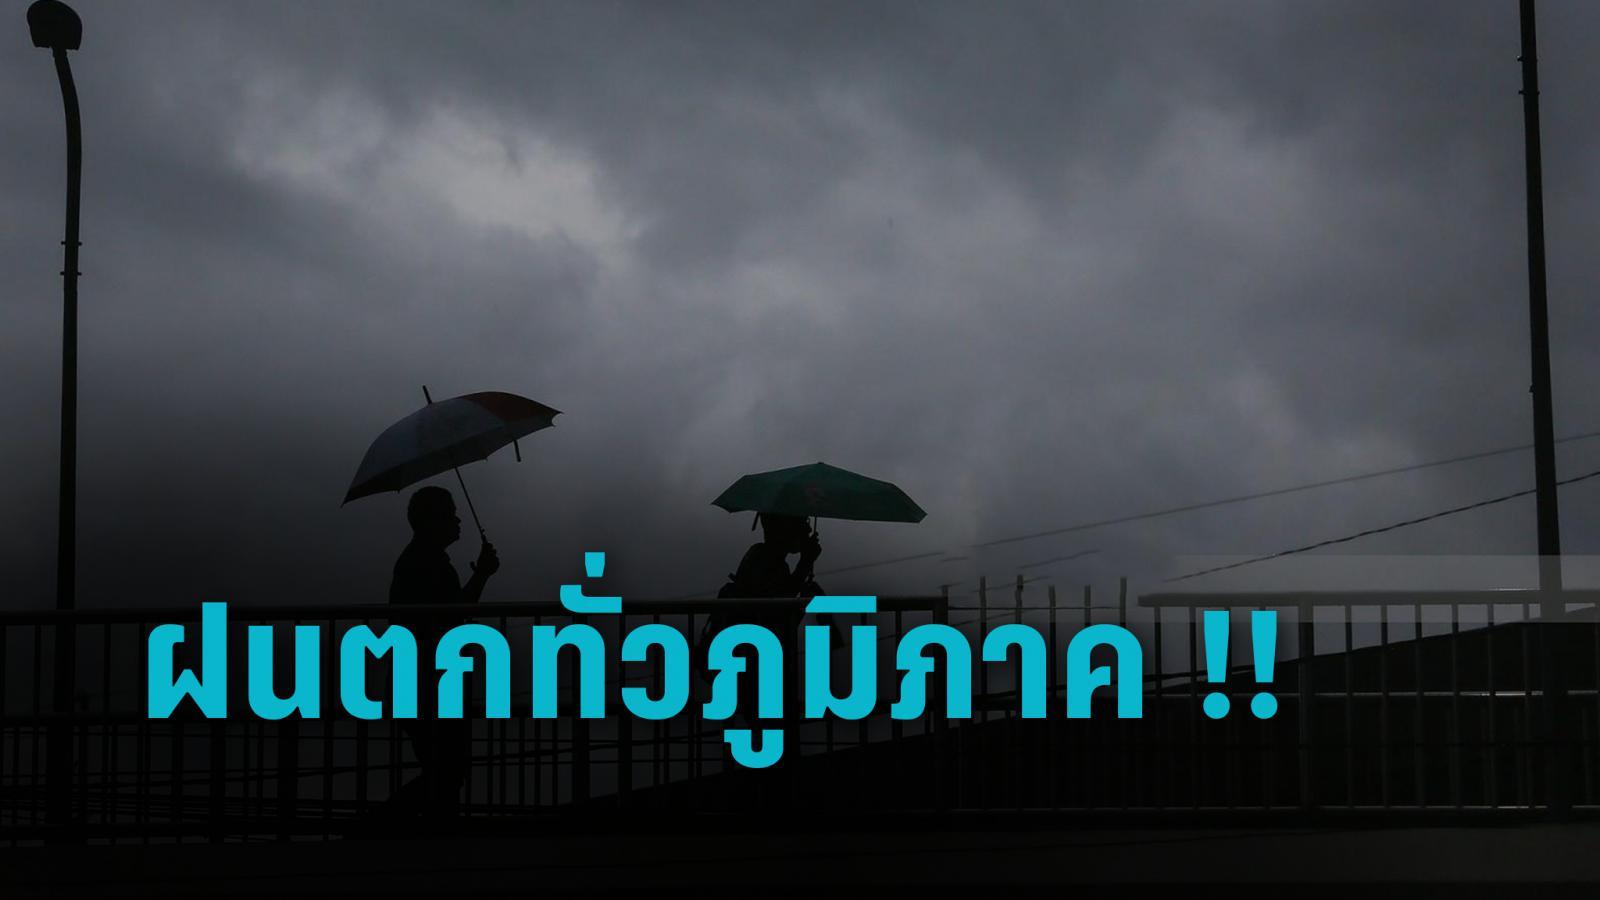 อุตุฯเตือน ทั่วภูมิภาคระวังฝนตกหนักบางแห่ง